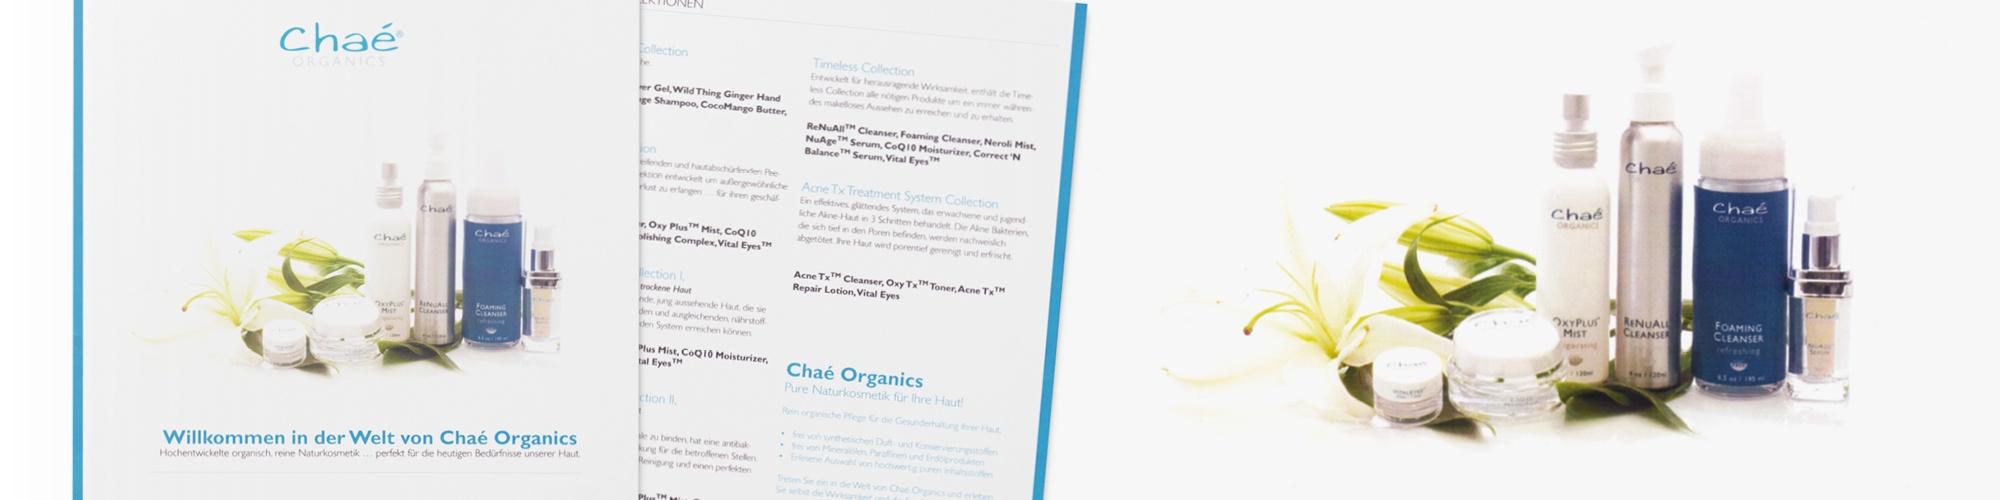 Chaé Naturkosmetik: Corporate Design, Unternehmenskommunikation, Produktflyer, Ettiketten und Labels für Produkte, Preissheets, Produktbeschreibung, Bildbearbeitung, Reinzeichnung, Layout, Druckausgabe